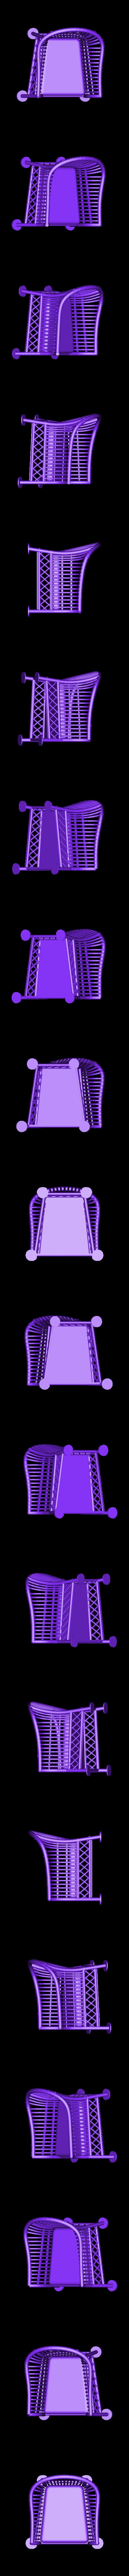 wicker_Chair.stl Télécharger fichier STL gratuit Ensemble de meubles en osier 1:24 • Design à imprimer en 3D, gabutoillegna56